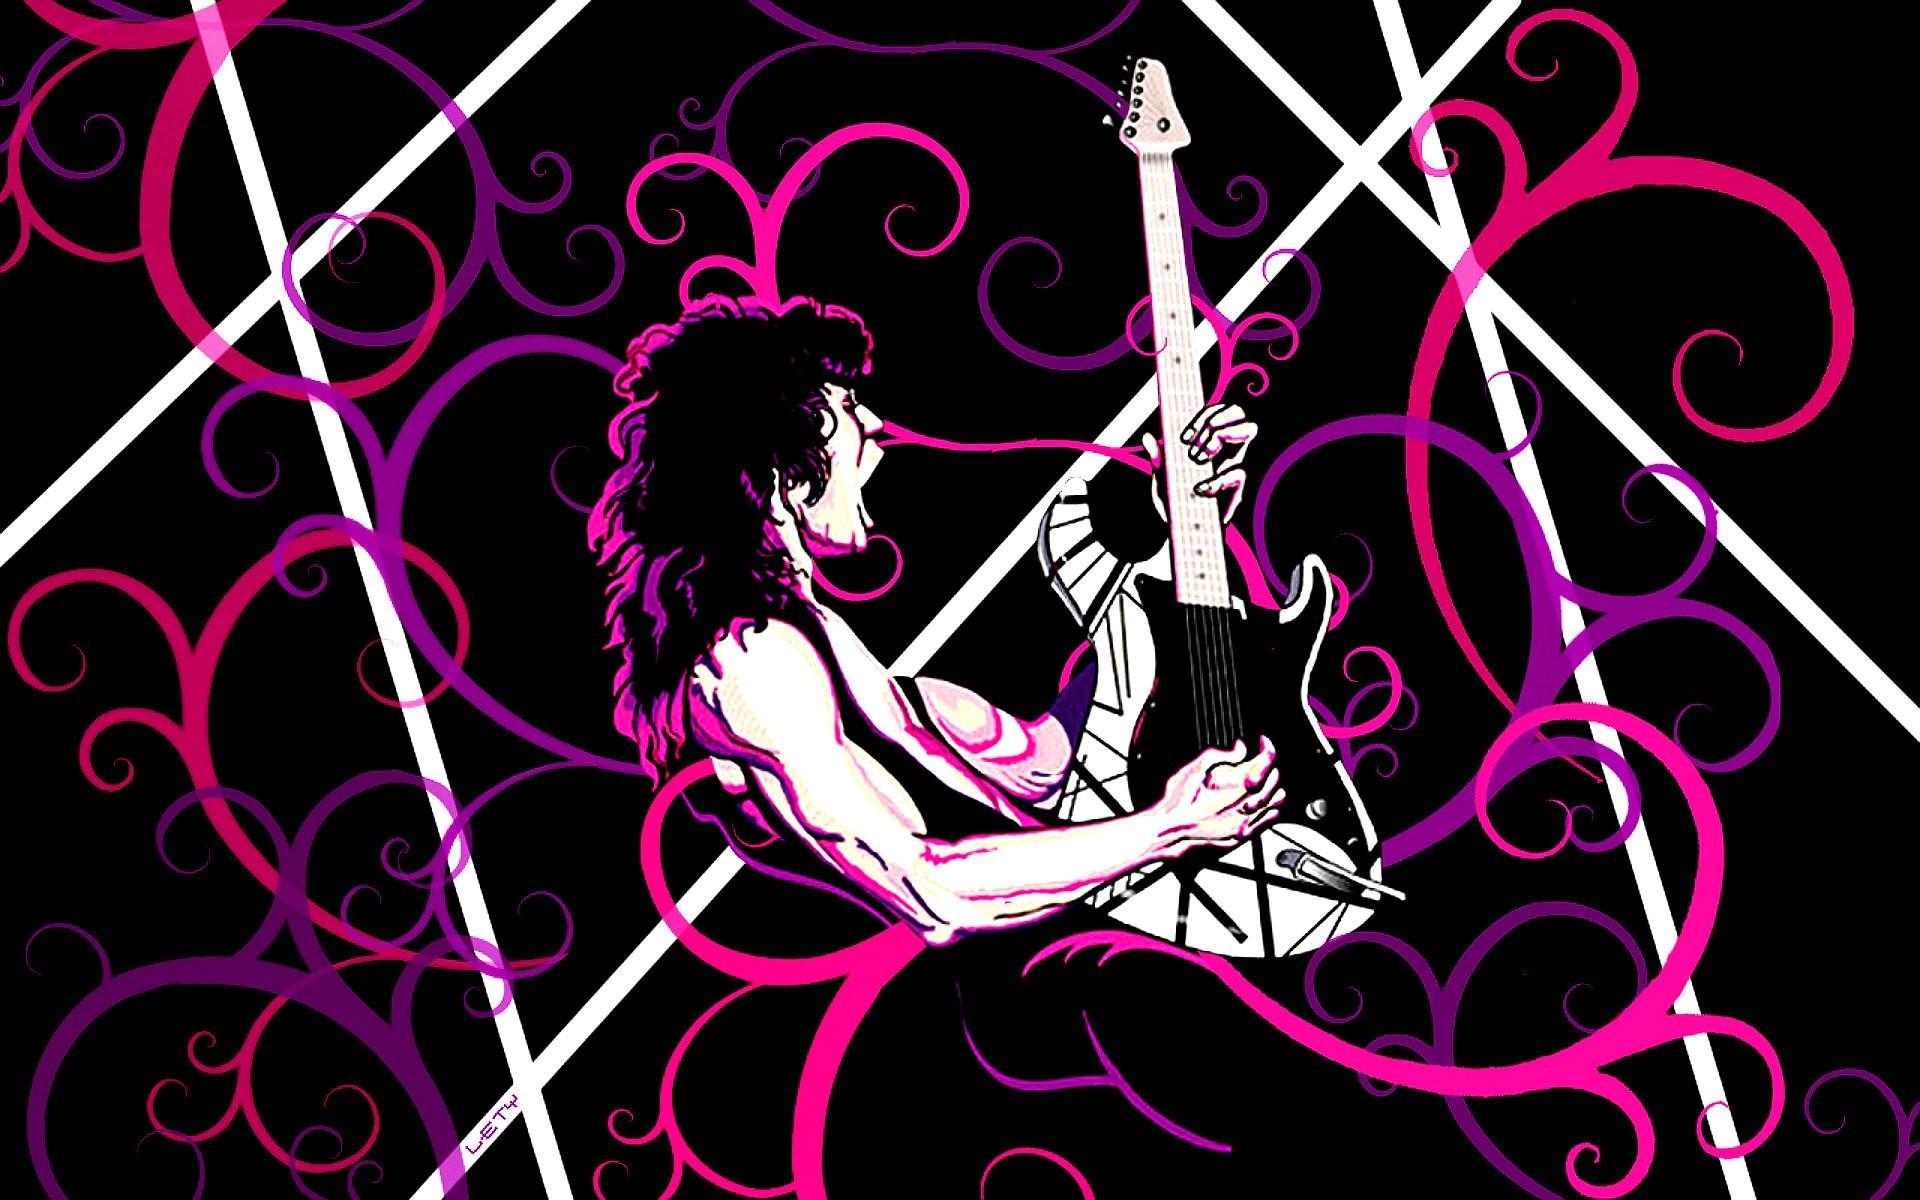 1920x1080 Van Halen Wallpaper